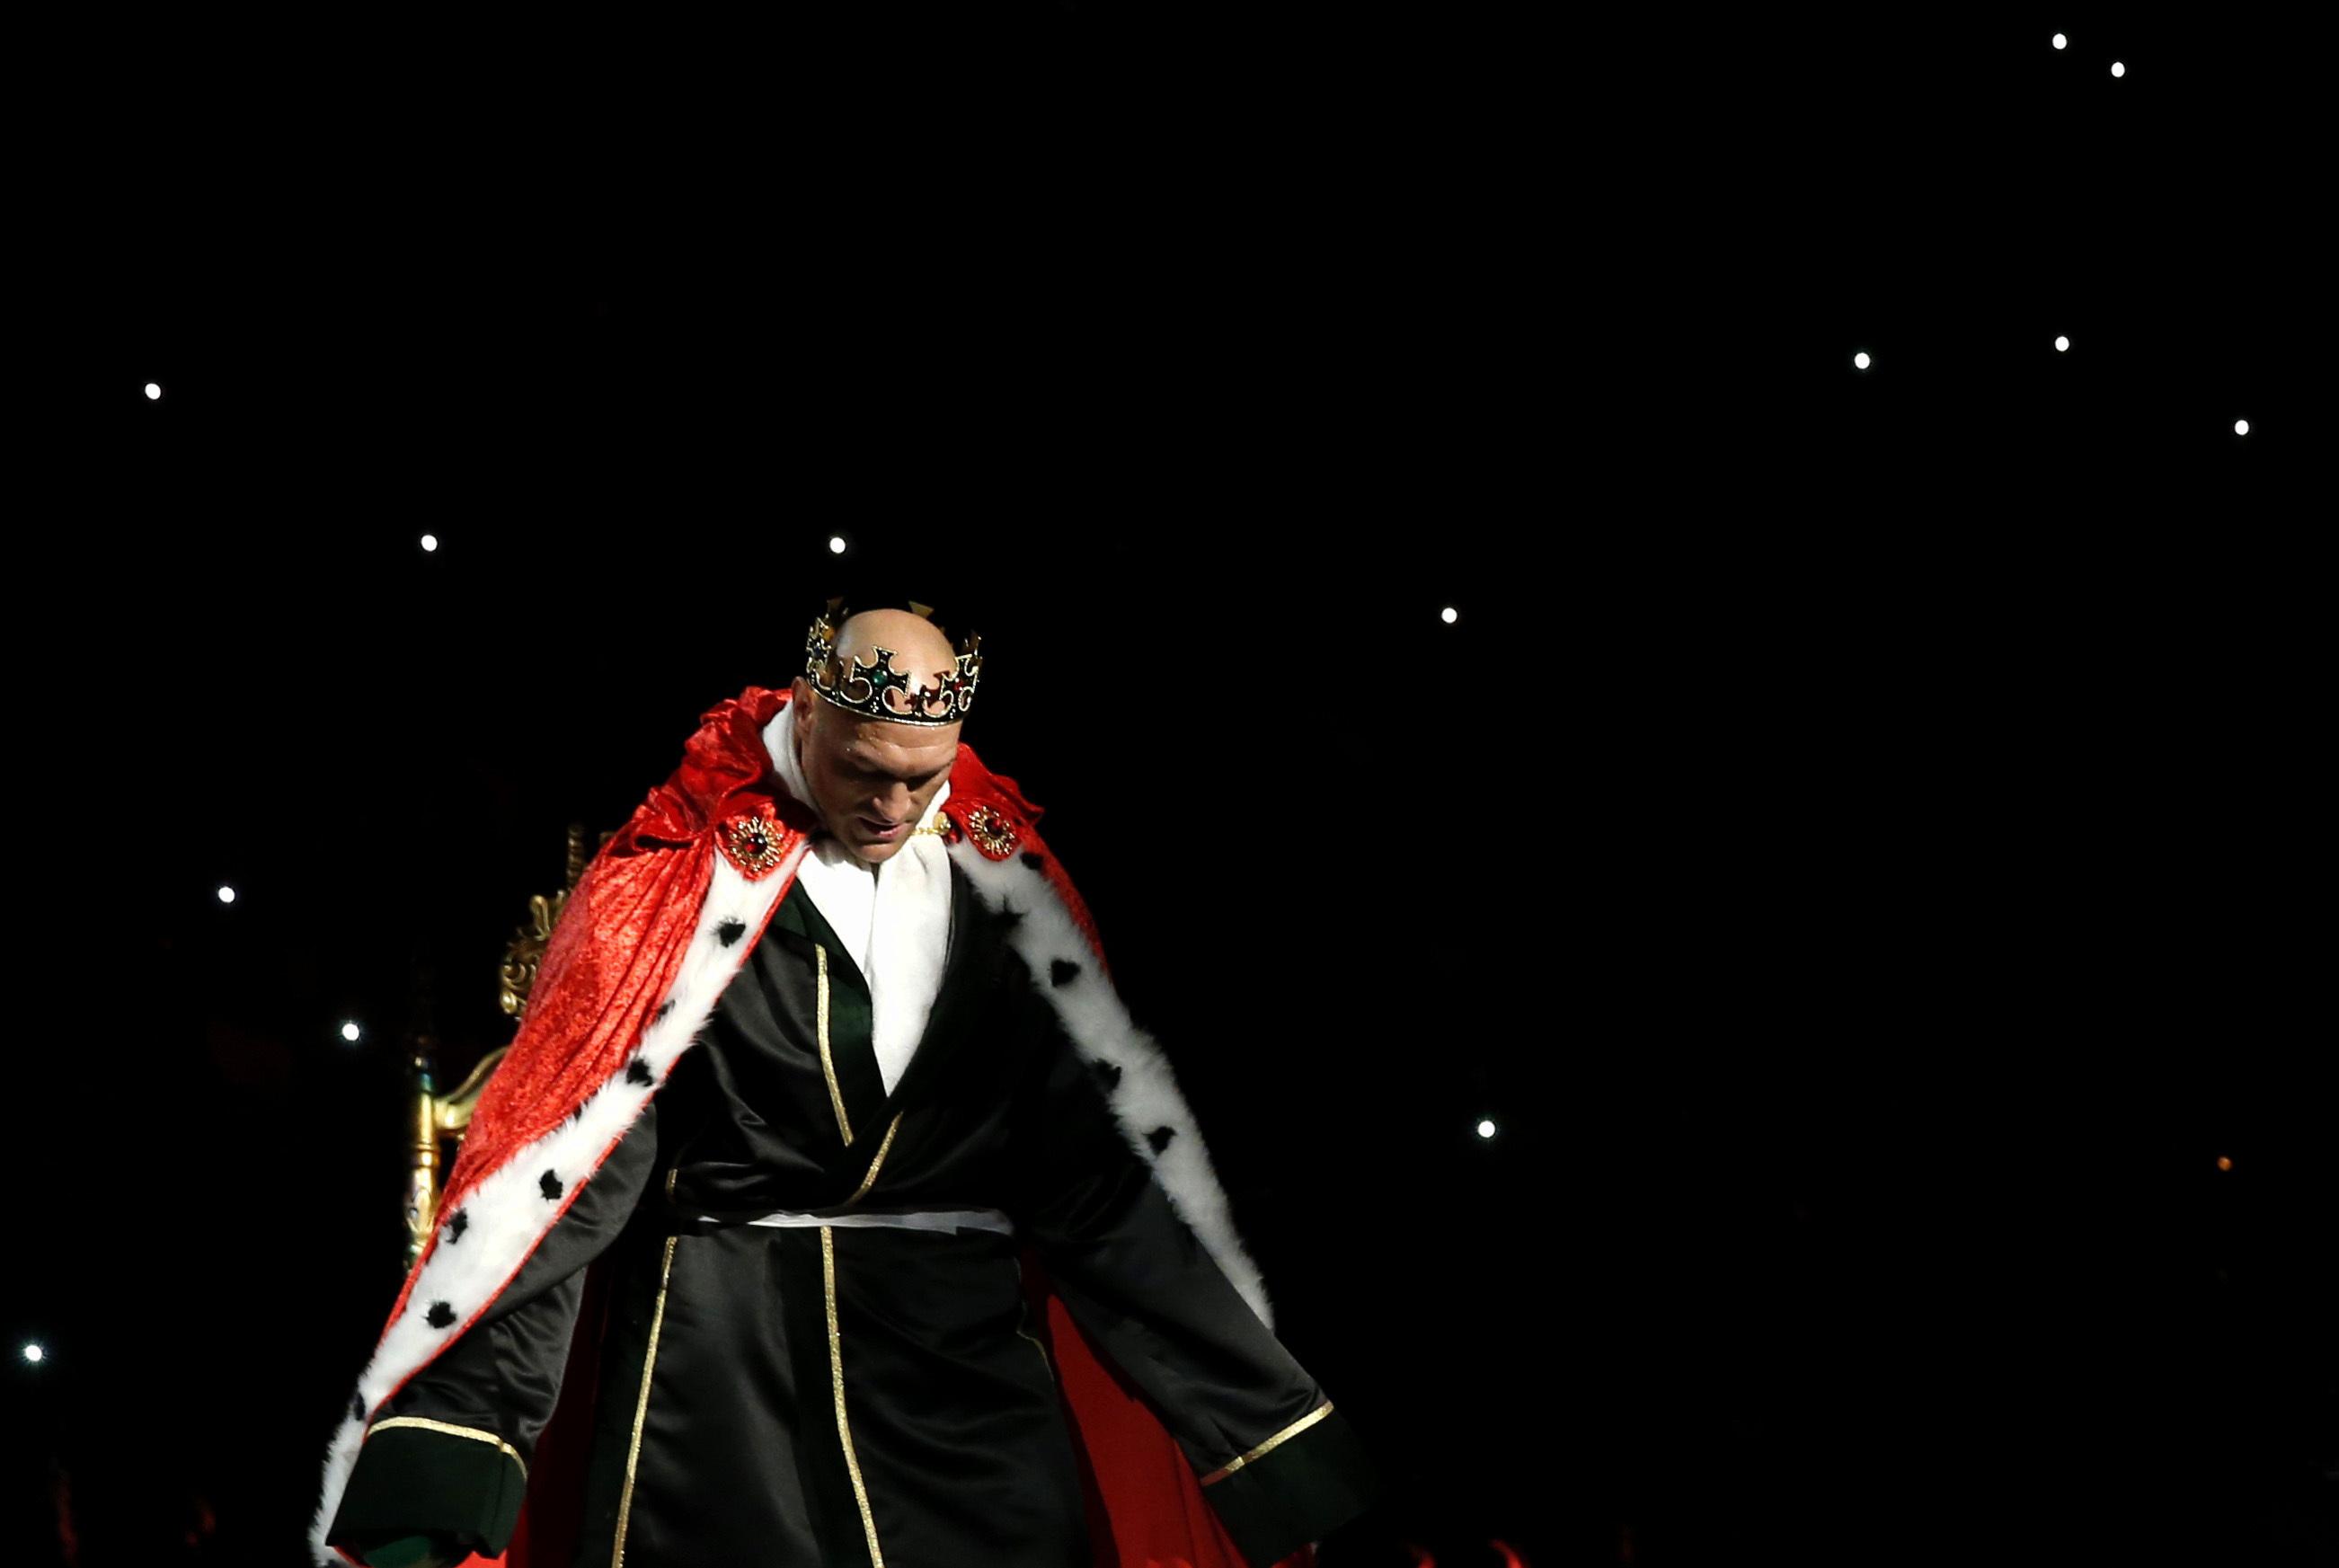 Couronne, trône, chanson a capella : Tyson Fury a fait le show à Vegas